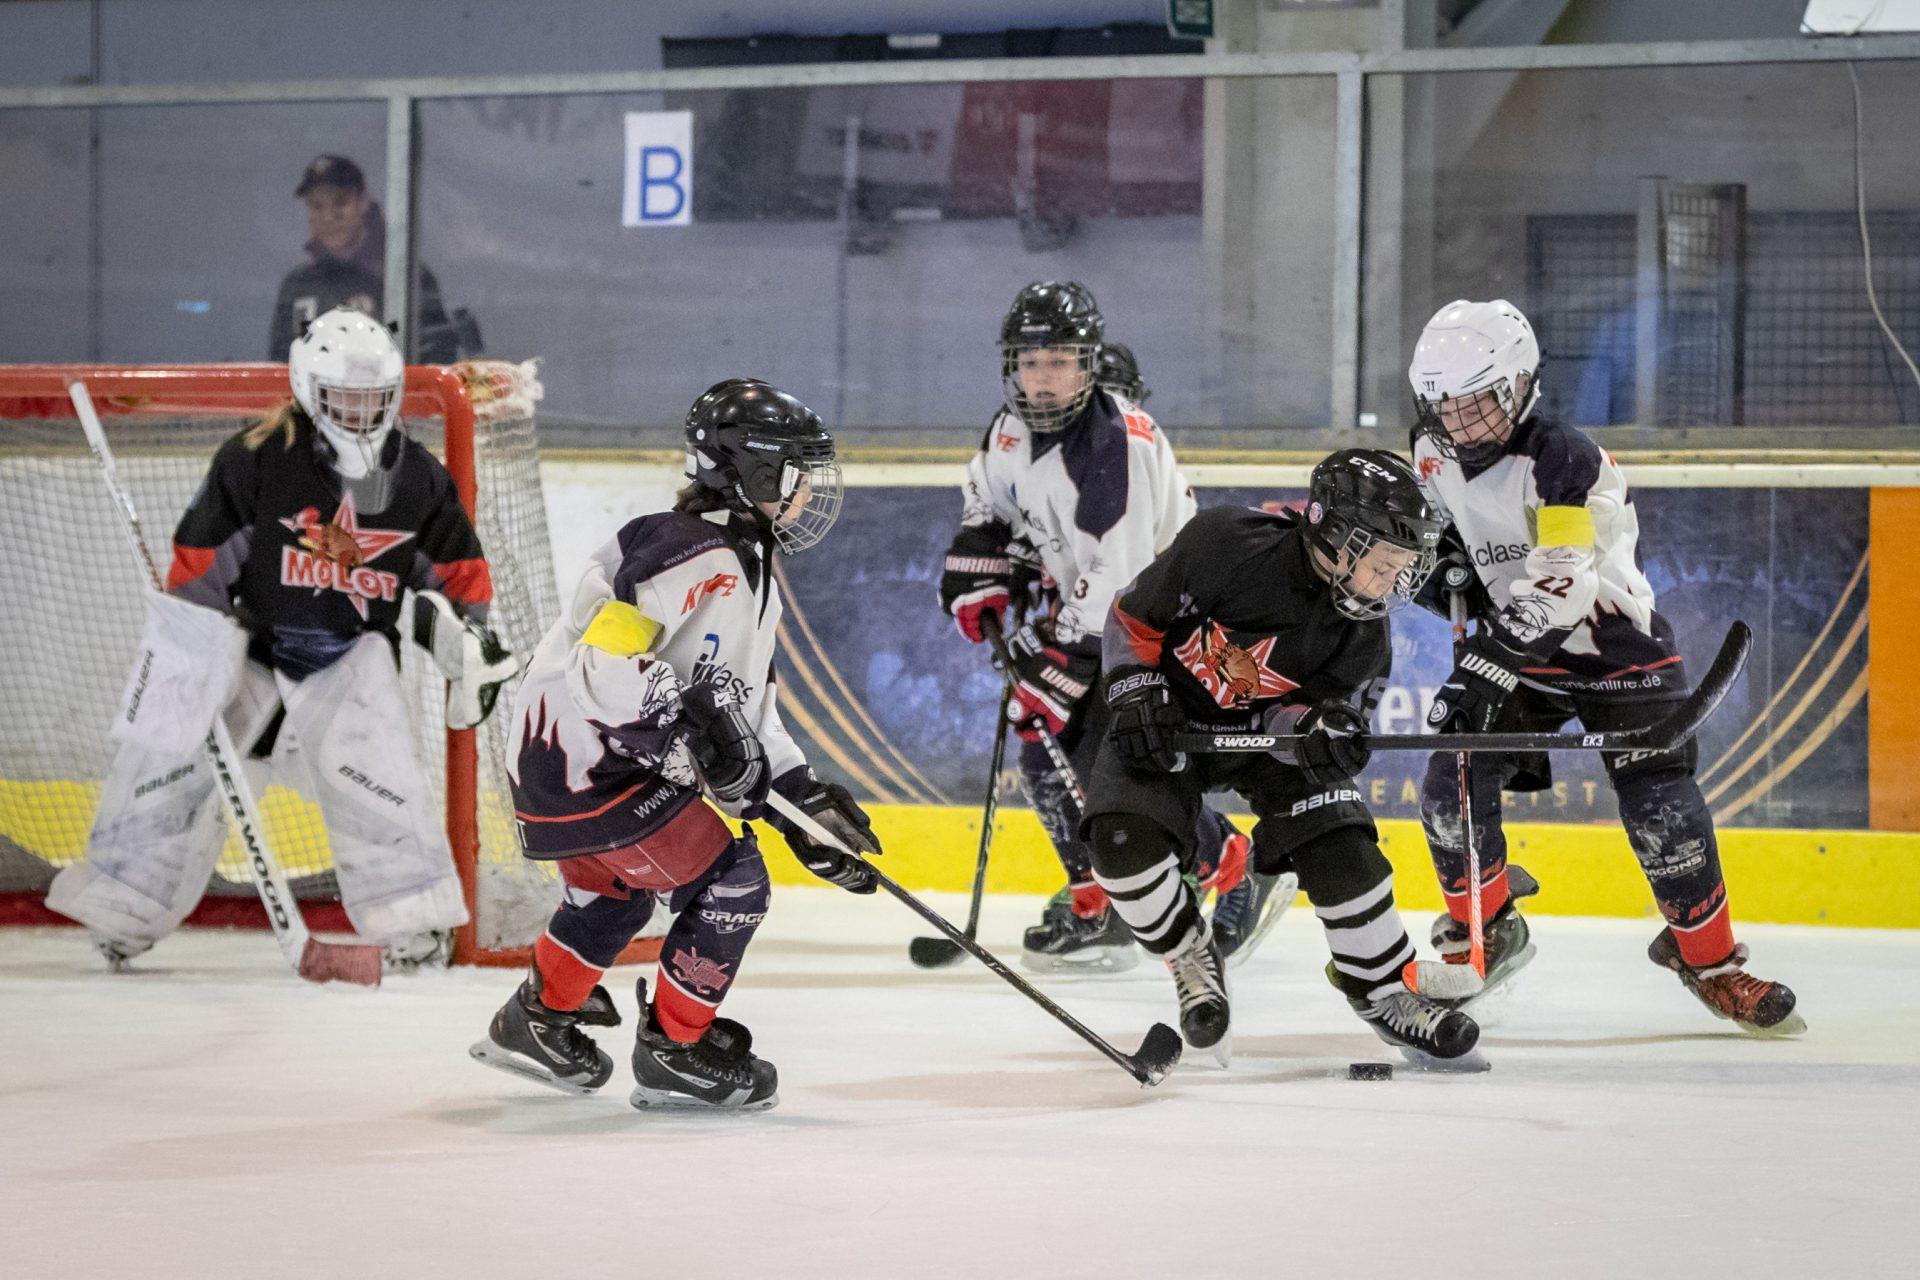 Mannschaftssport Eishockey